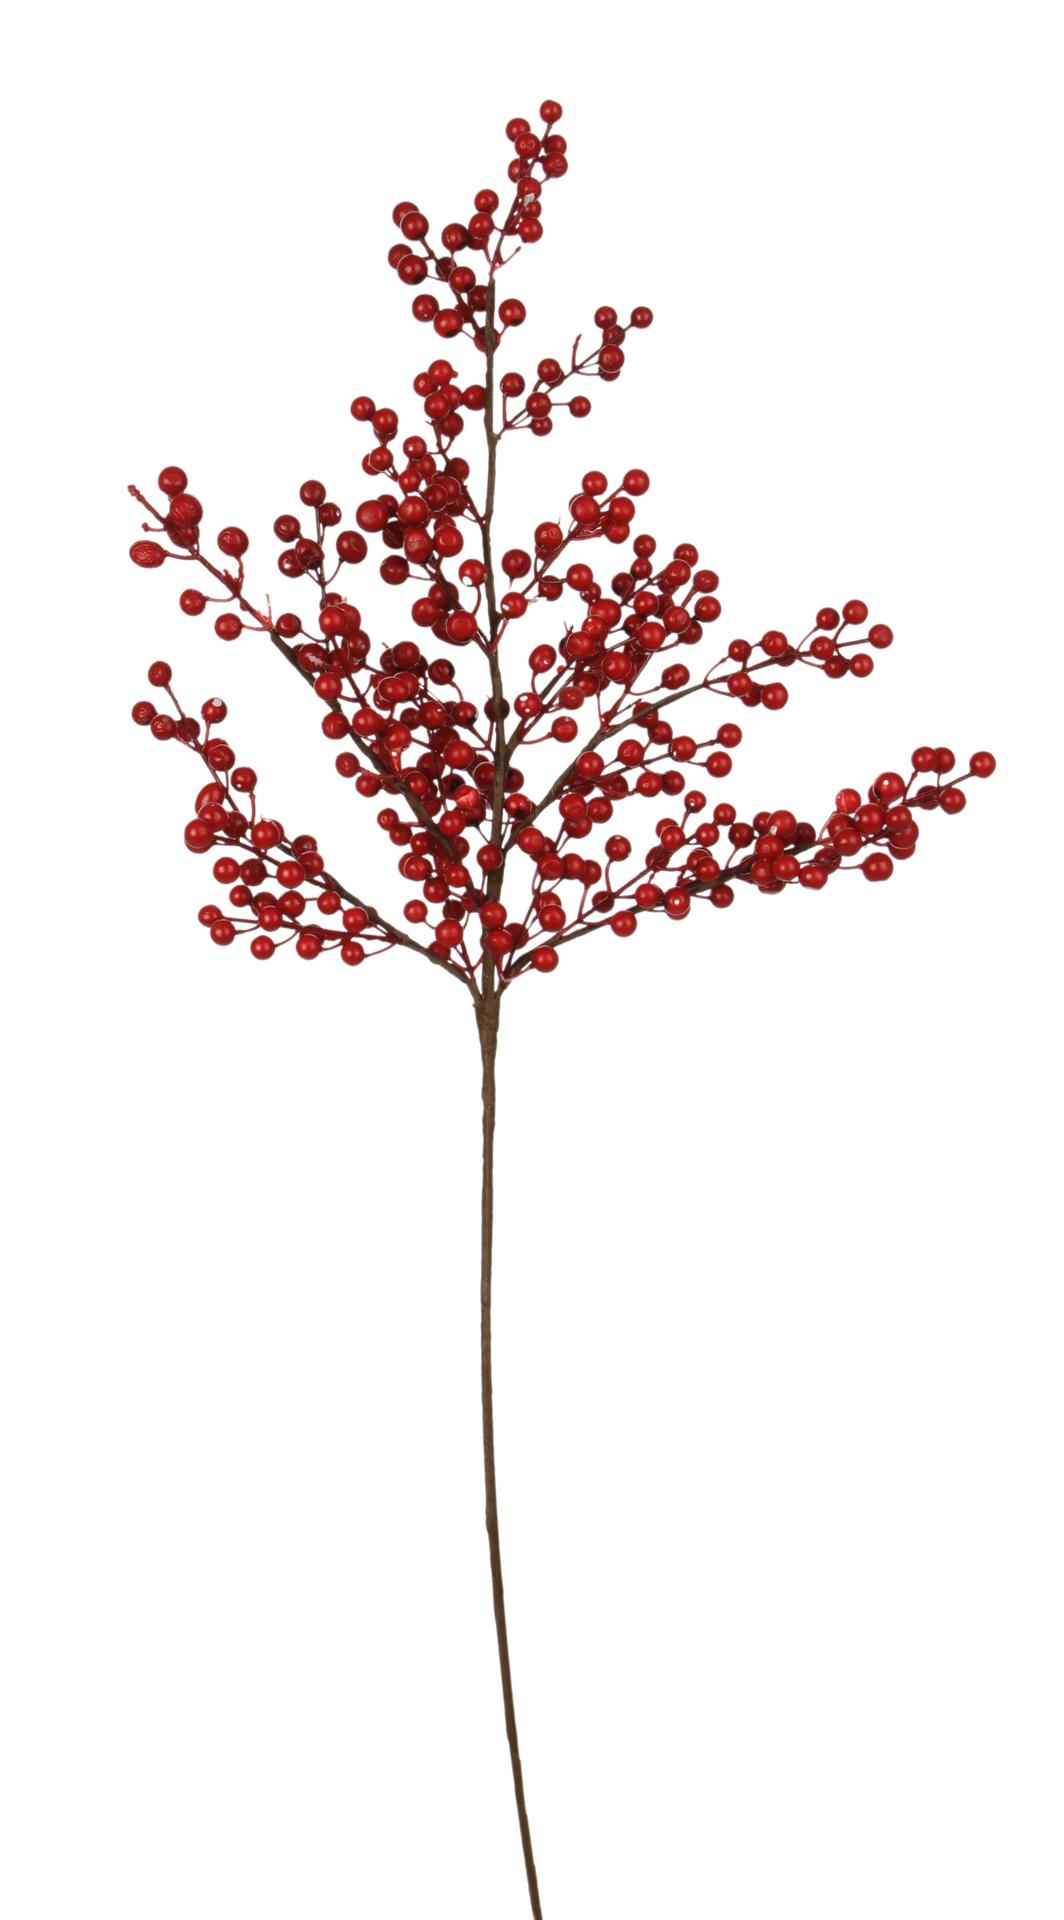 Bohatá větev s červenými bobulemi délka cca 105 cm